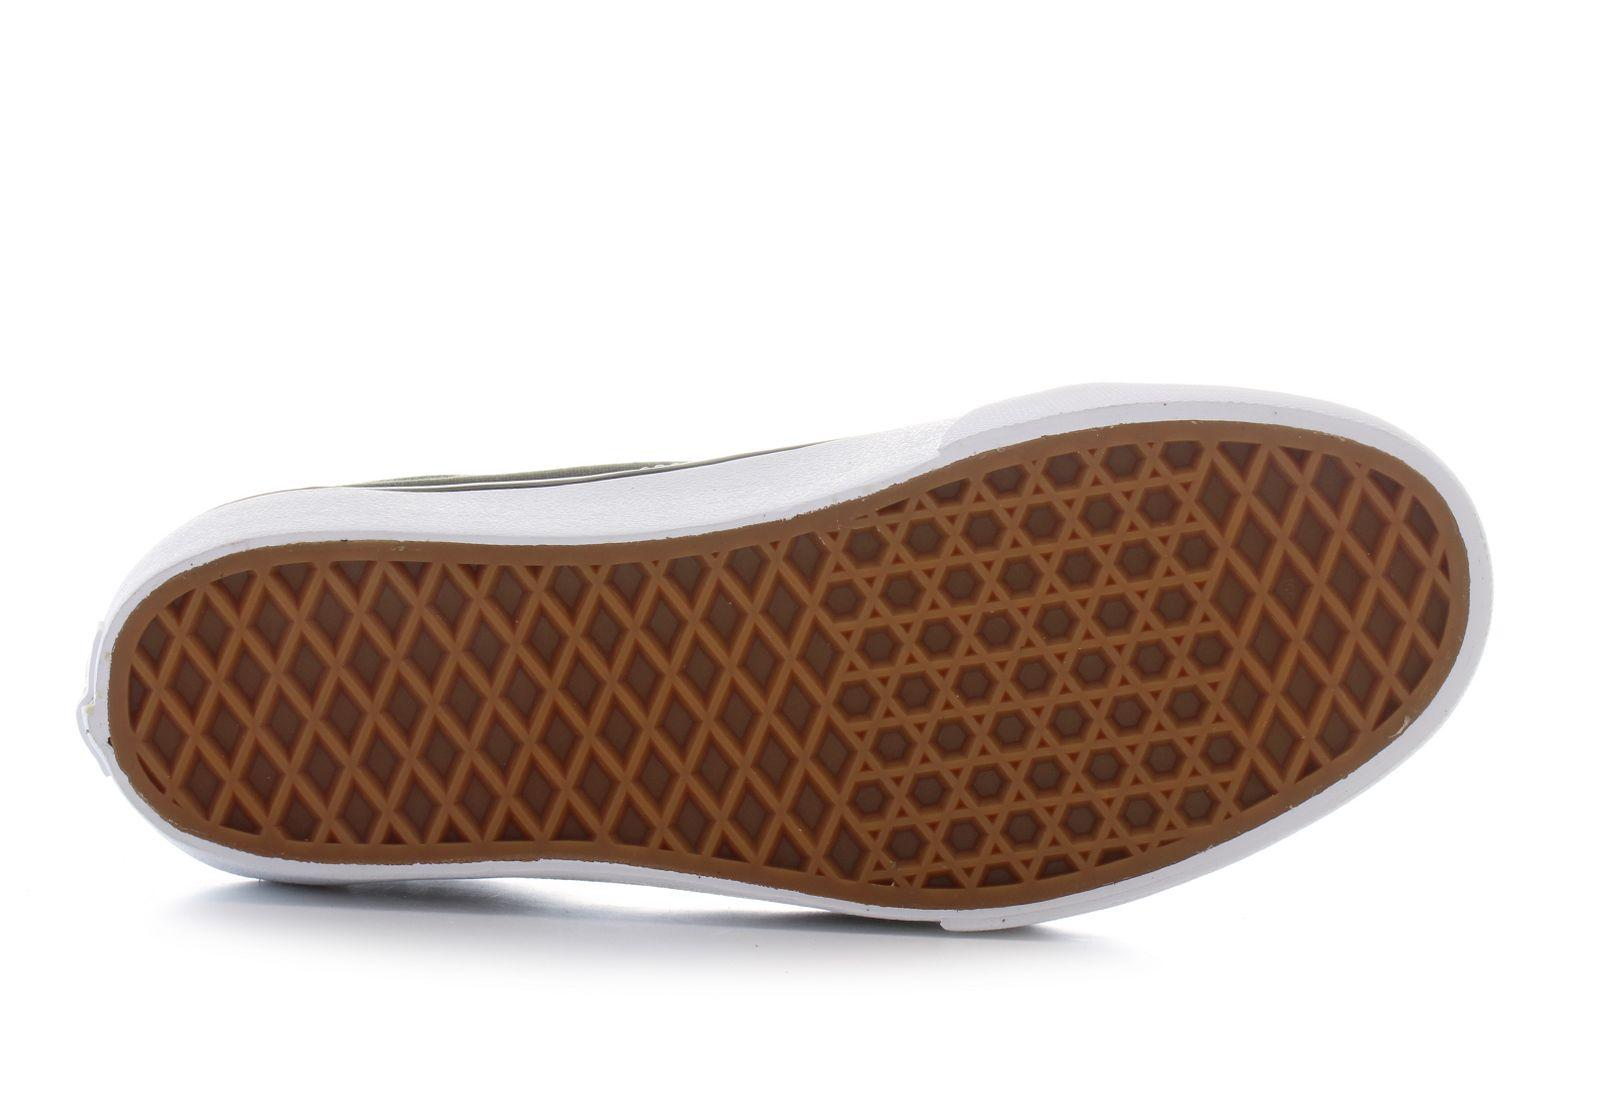 Vans Shoes - Ua Old Skool Platform - VA3B3UY28 - Online shop for ... c922d9a6af